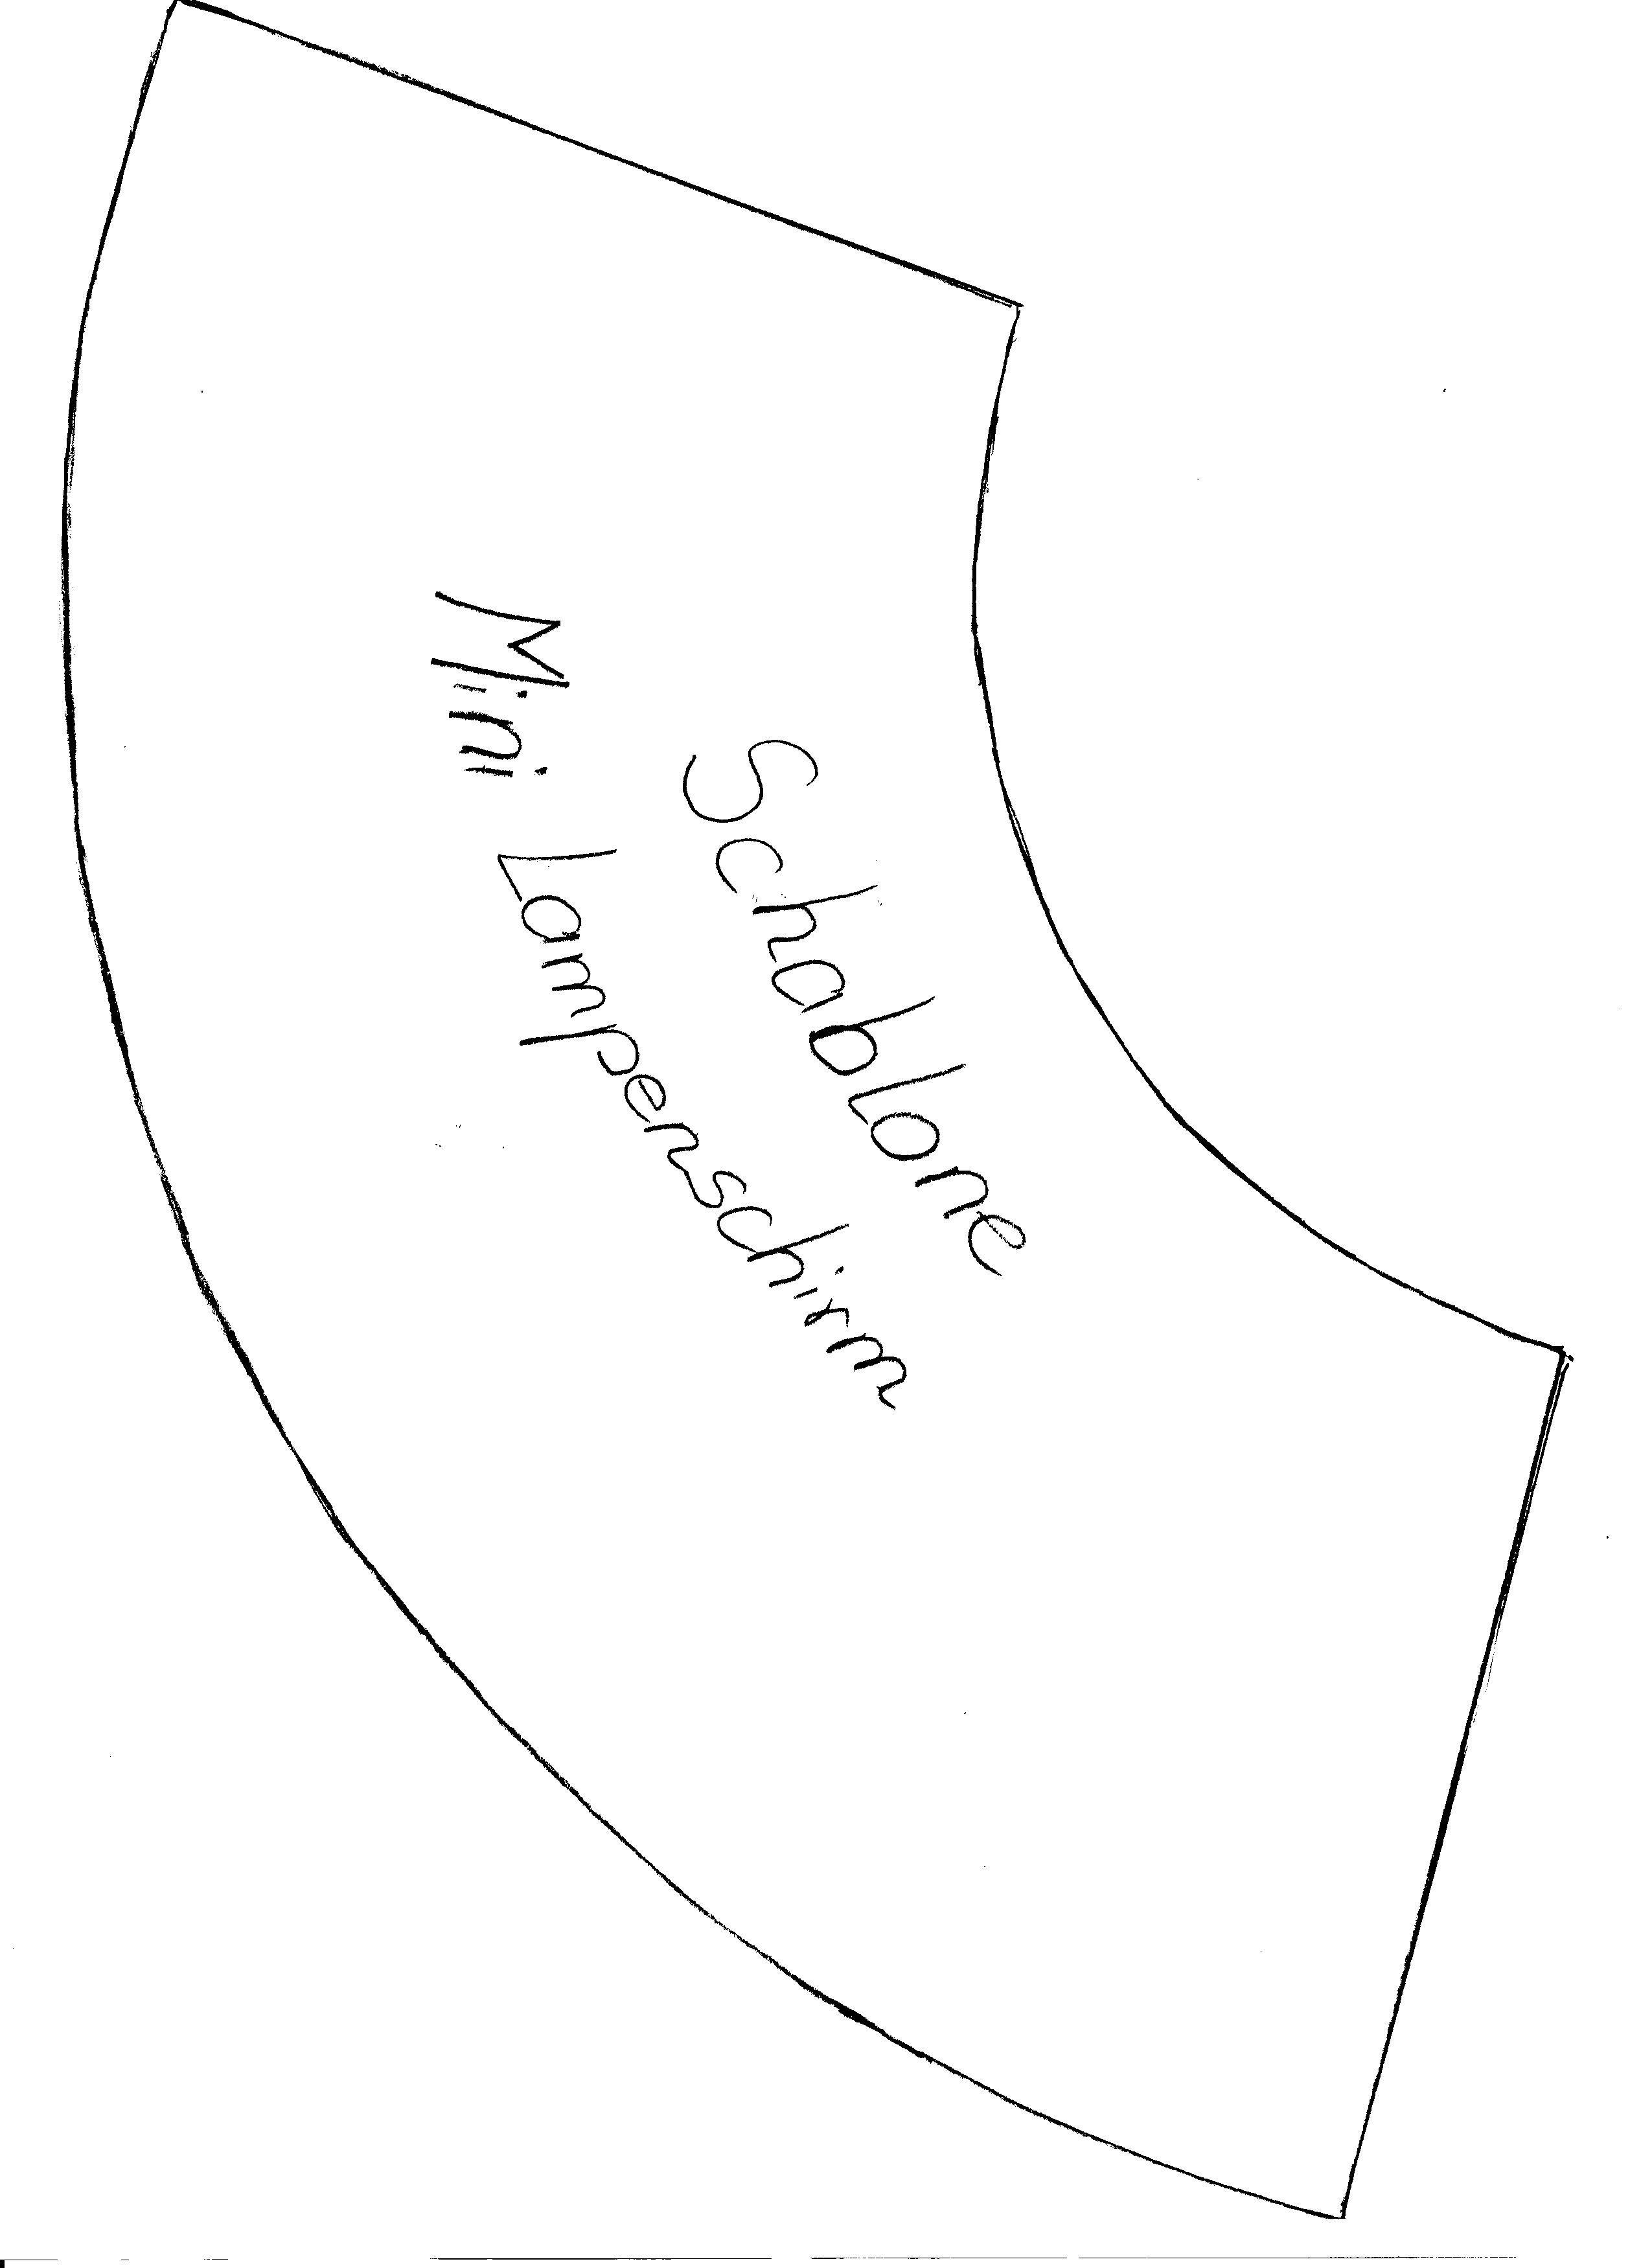 schablone-lampenschirm-001.jpg (2550×3501) | Tarjetas con forma ...